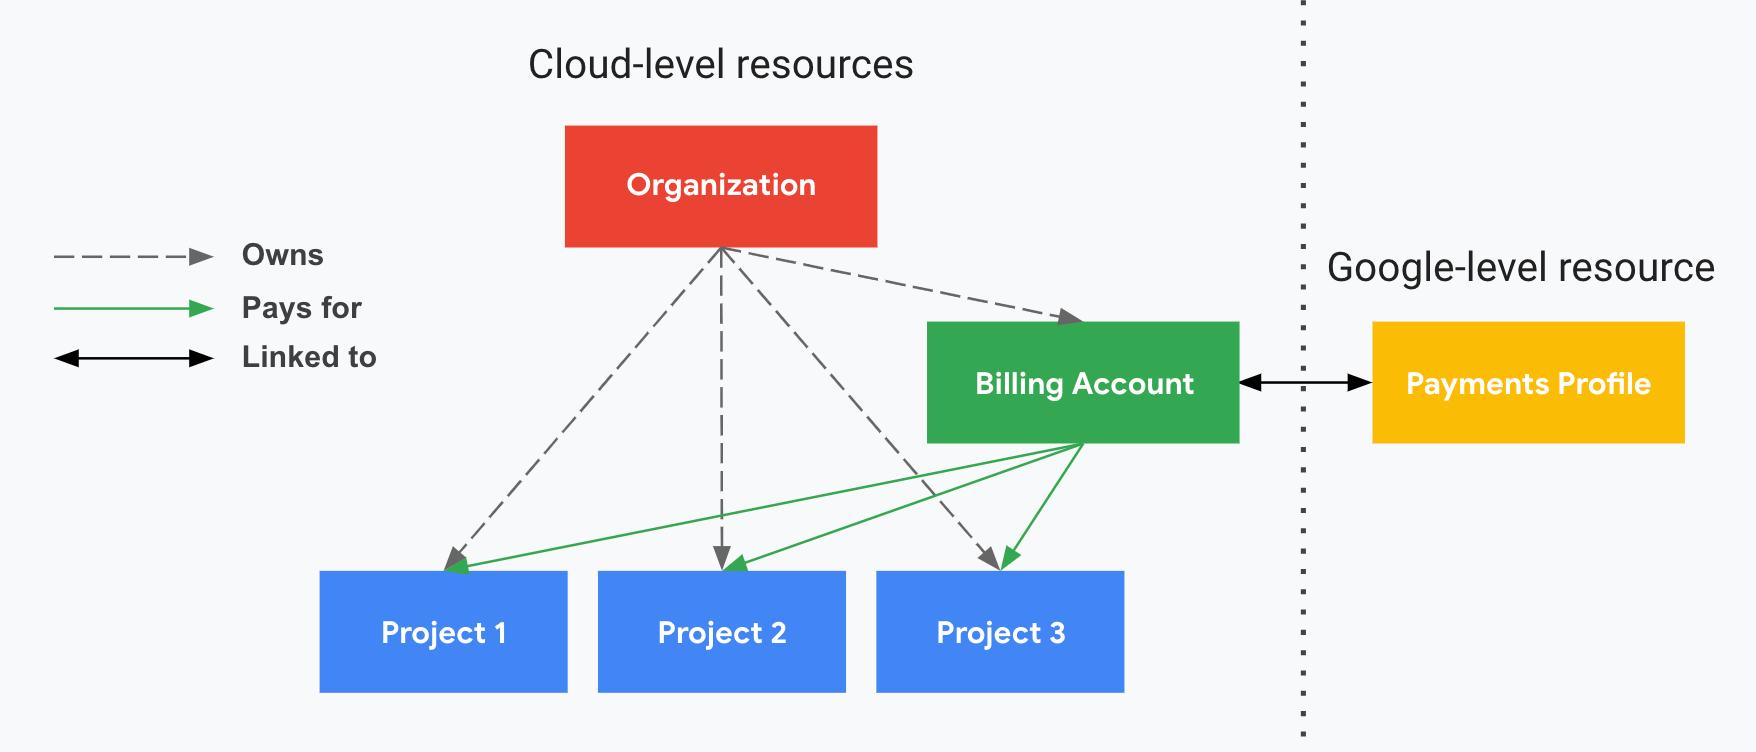 Describe cómo se relacionan los proyectos con la FacturacióndeCloud y el perfil de pagos. Una parte muestra los recursos de Cloud (cuenta de facturacióndeCloud y proyectos asociados) y la otra, dividida por una línea punteada vertical, muestra el recurso de Google (un perfil de pagos). Los proyectos se pagan con tu cuenta de facturación de Cloud, que se vincula al perfil de pagos.